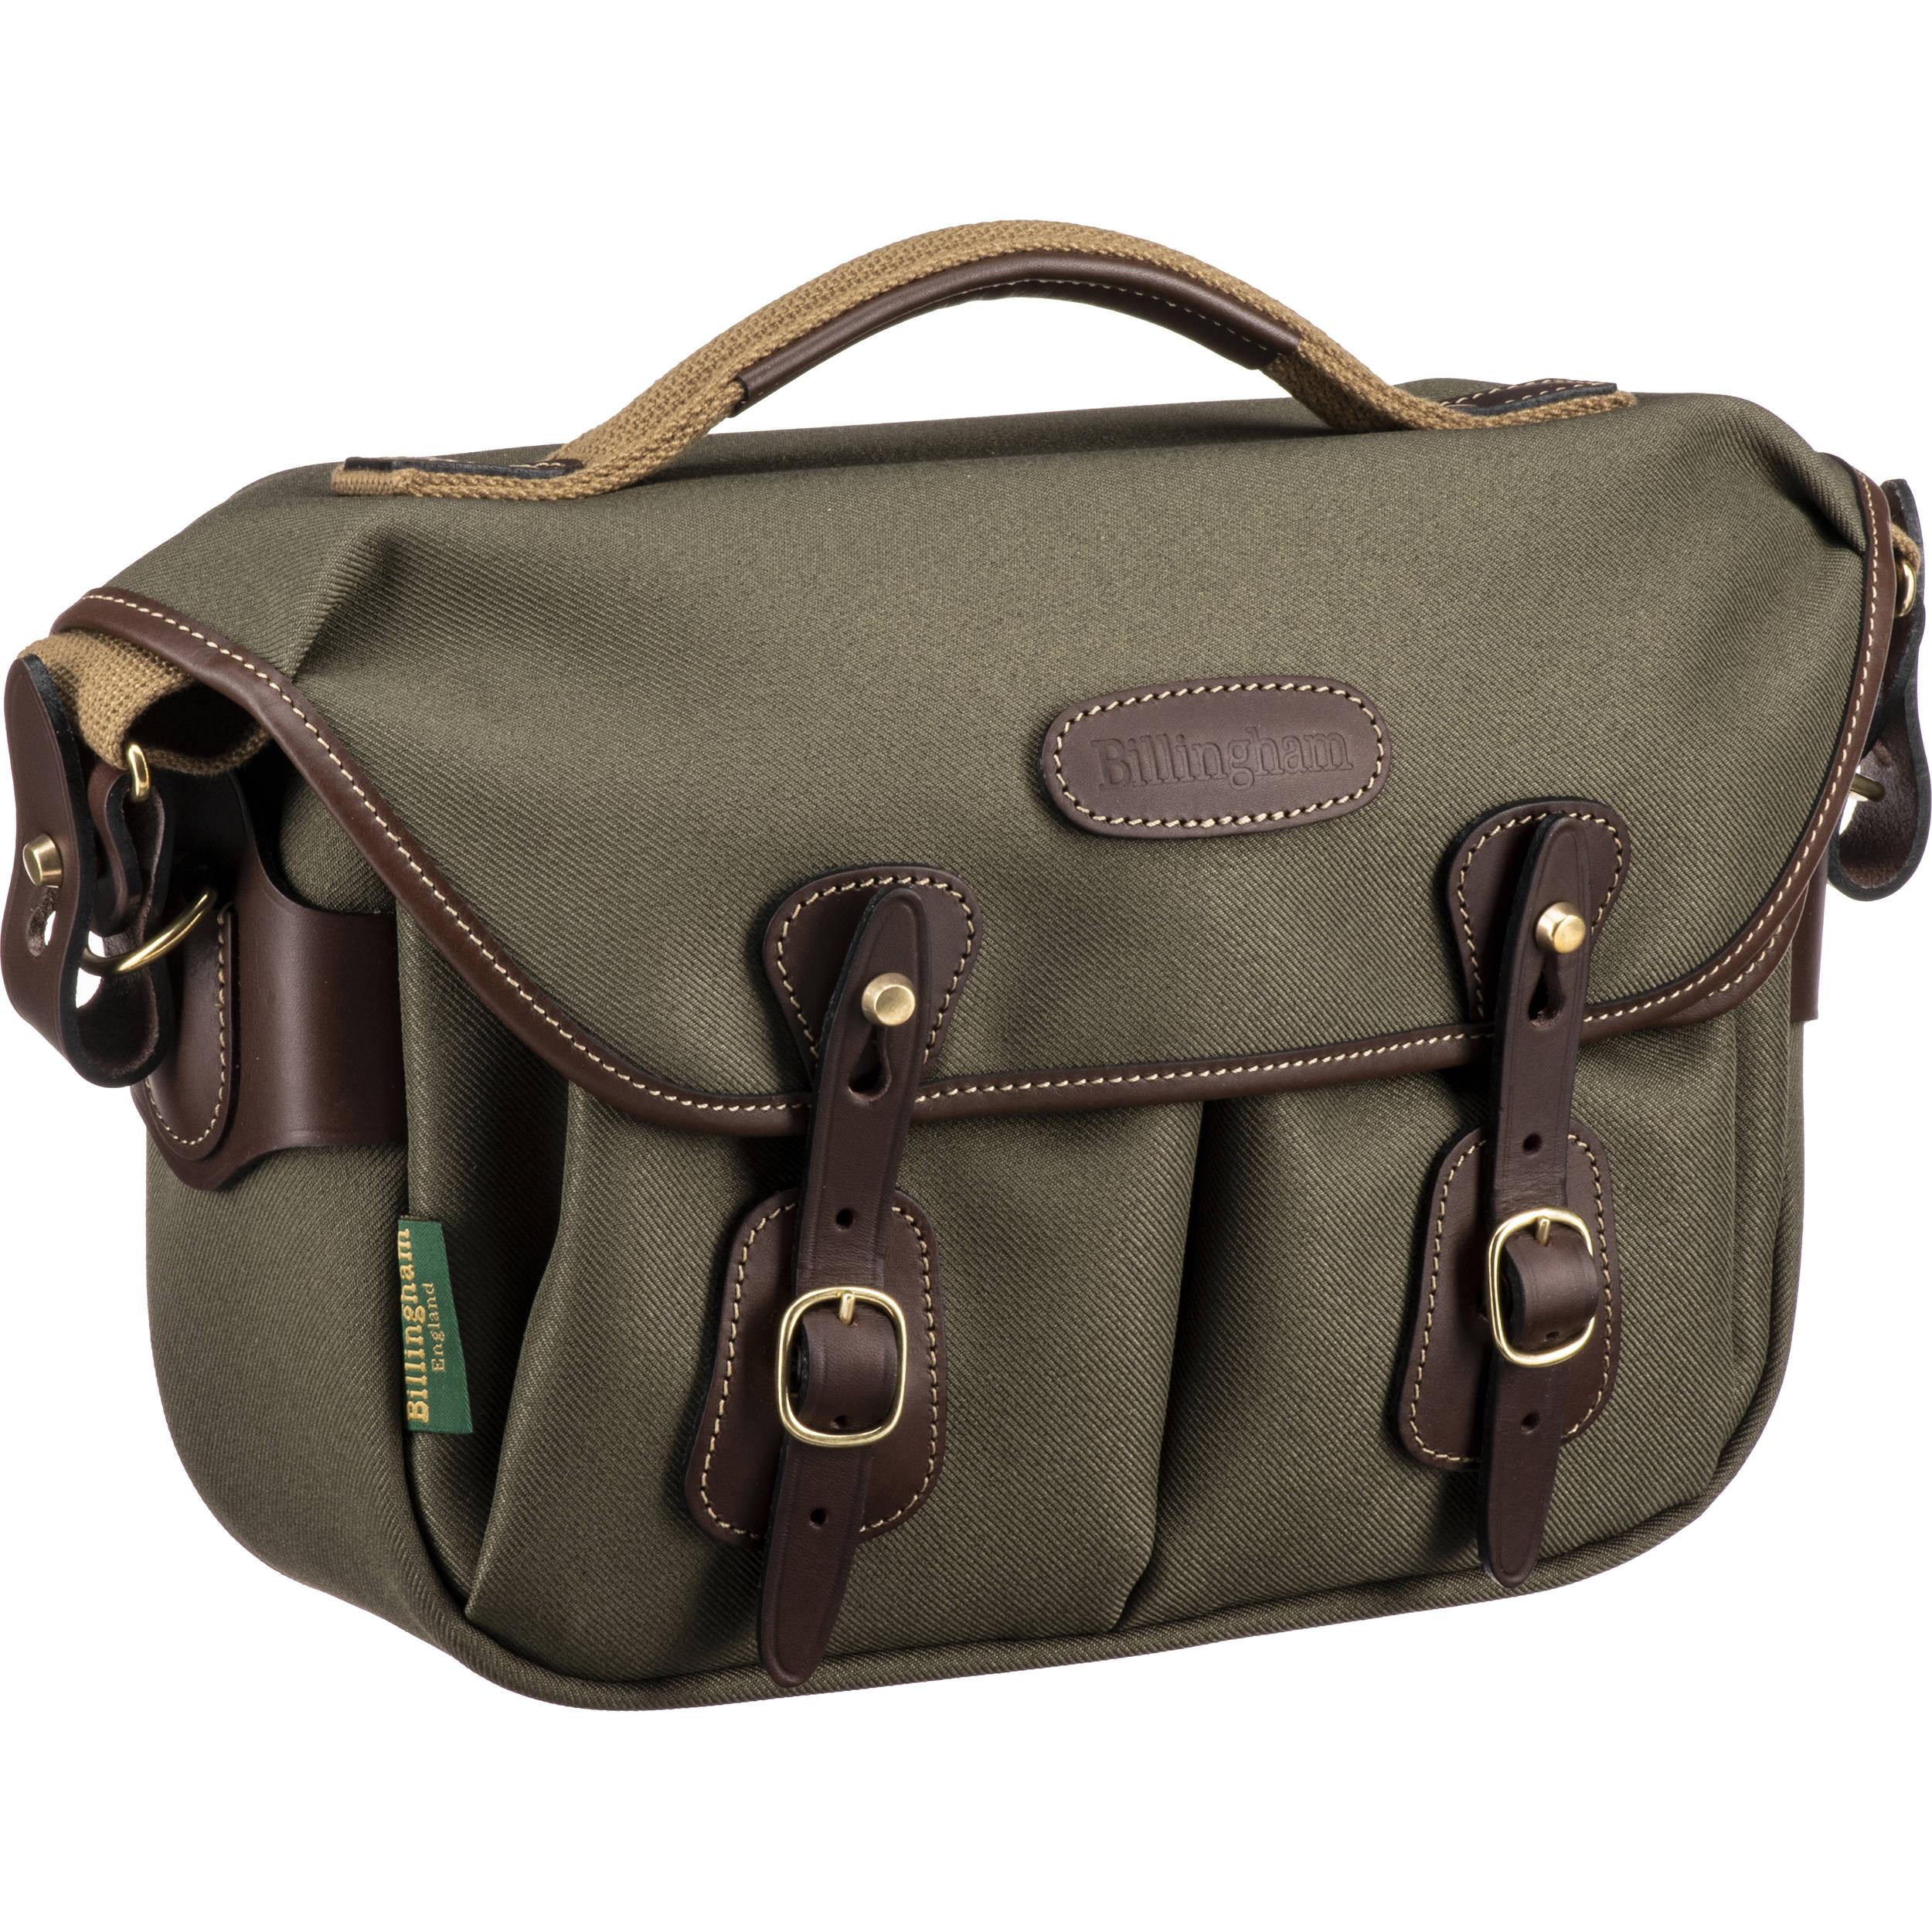 Billingham Hadley Small Pro Shoulder Bag Sage Fibrenyte Chocolate Leather